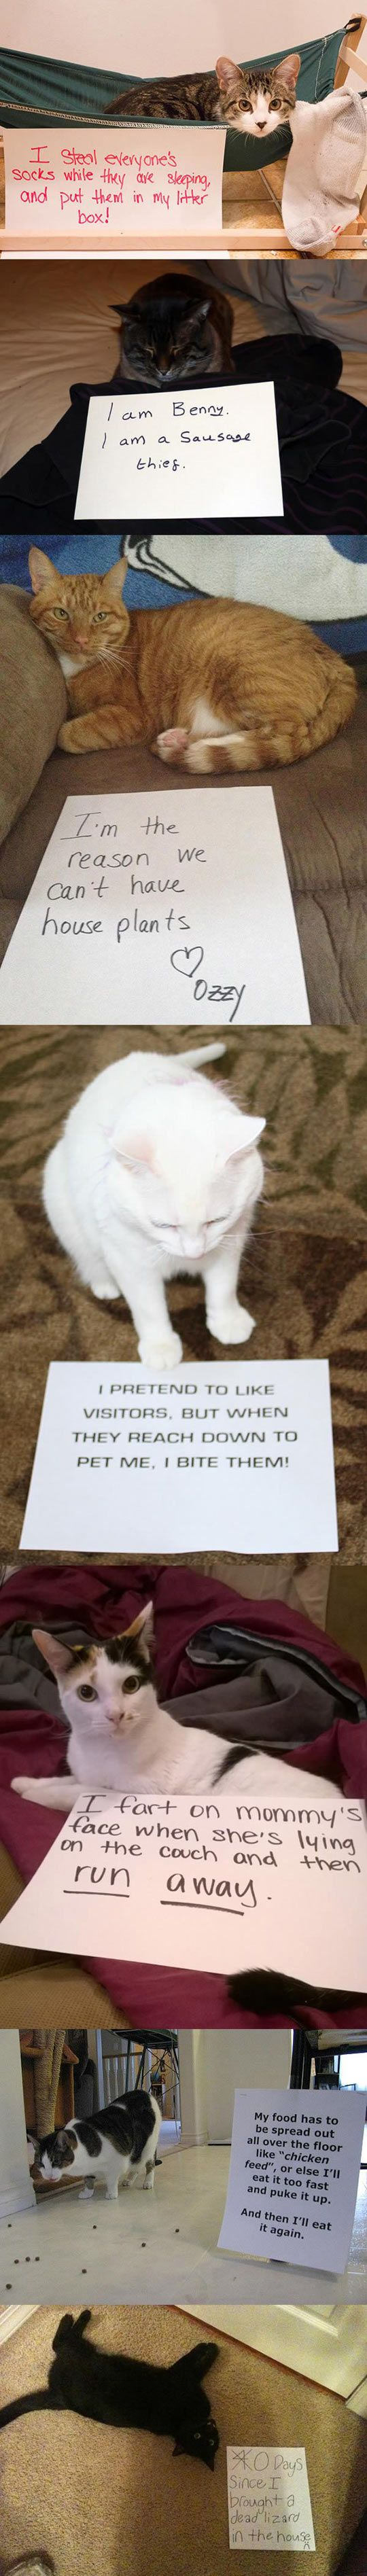 Gatos e suas confissões!